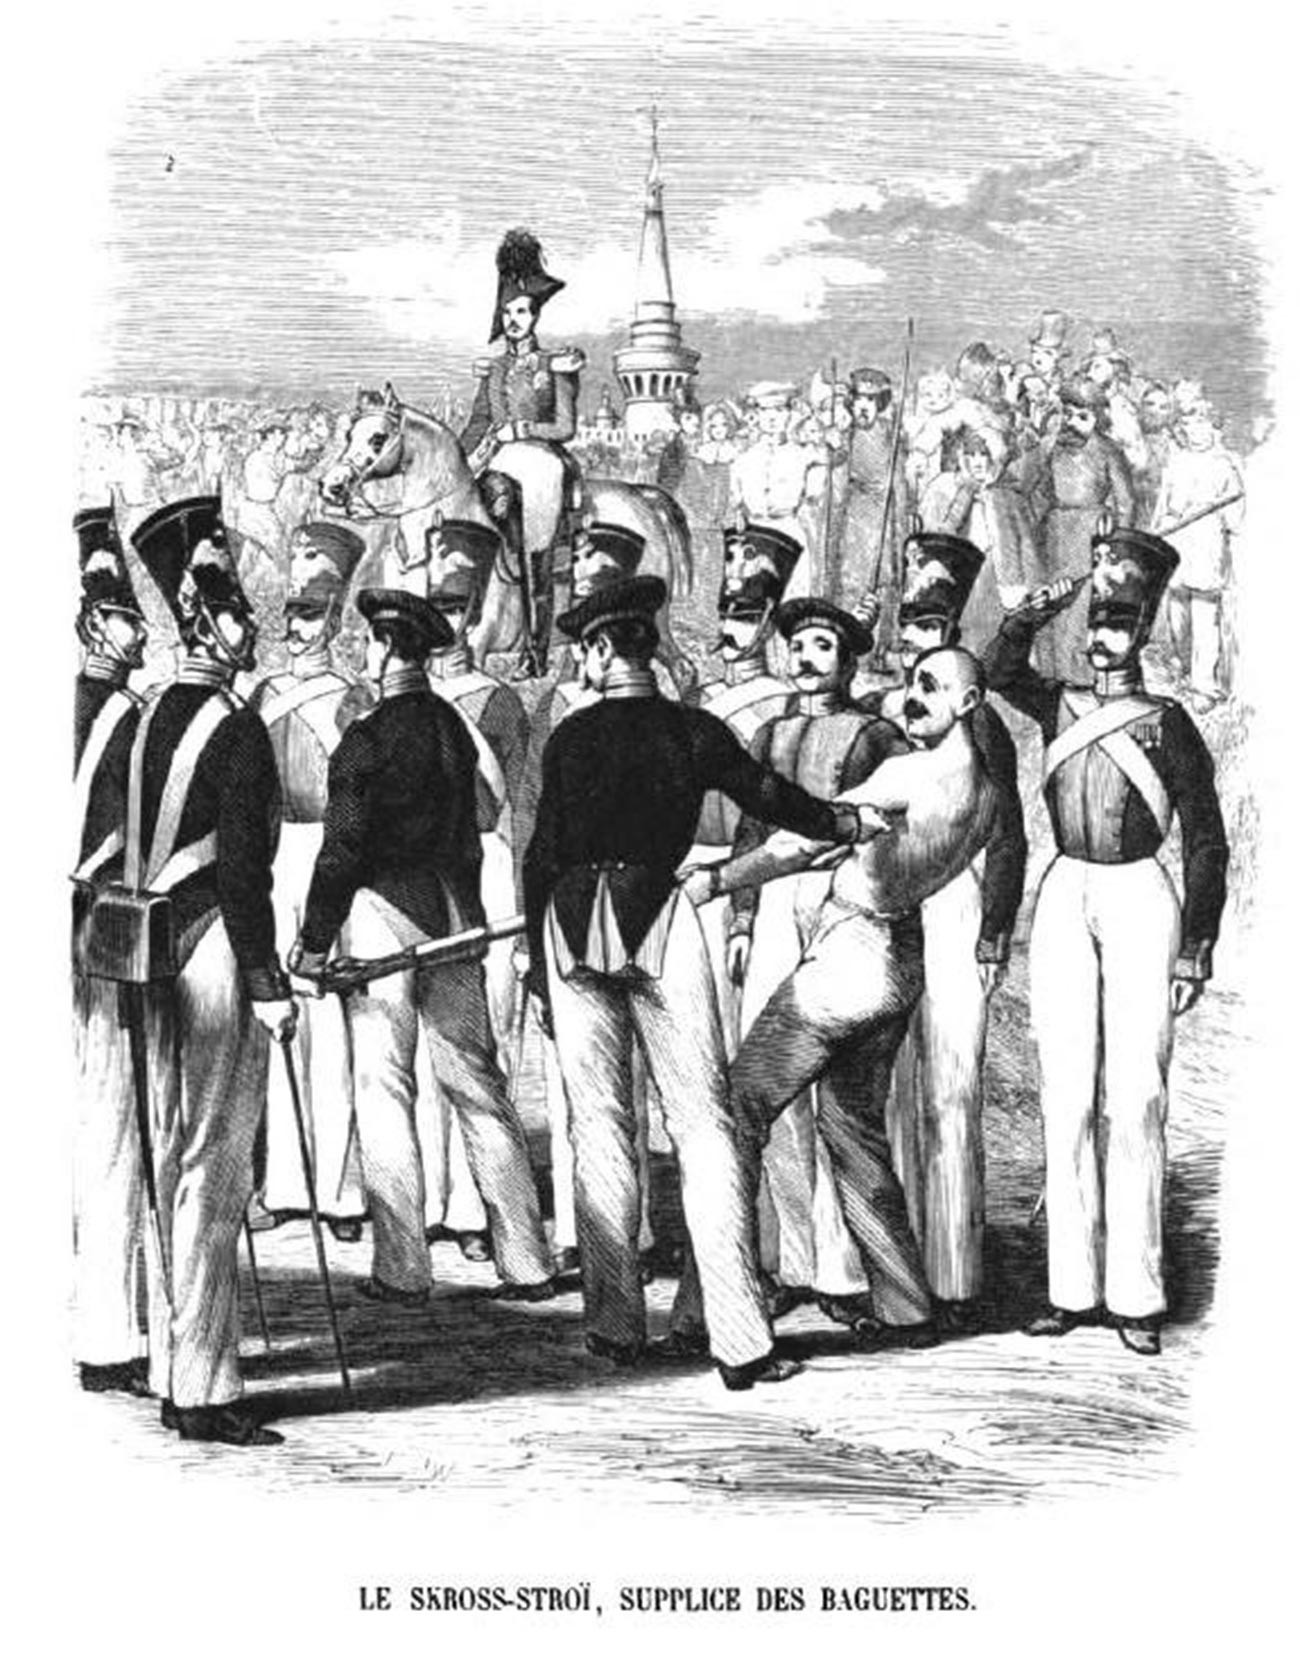 Berlari sambil dipukuli tongkat oleh ratusan tentara di Rusia,  (Running the gauntlet), karya Charles-Michel Geoffroy, 1845.